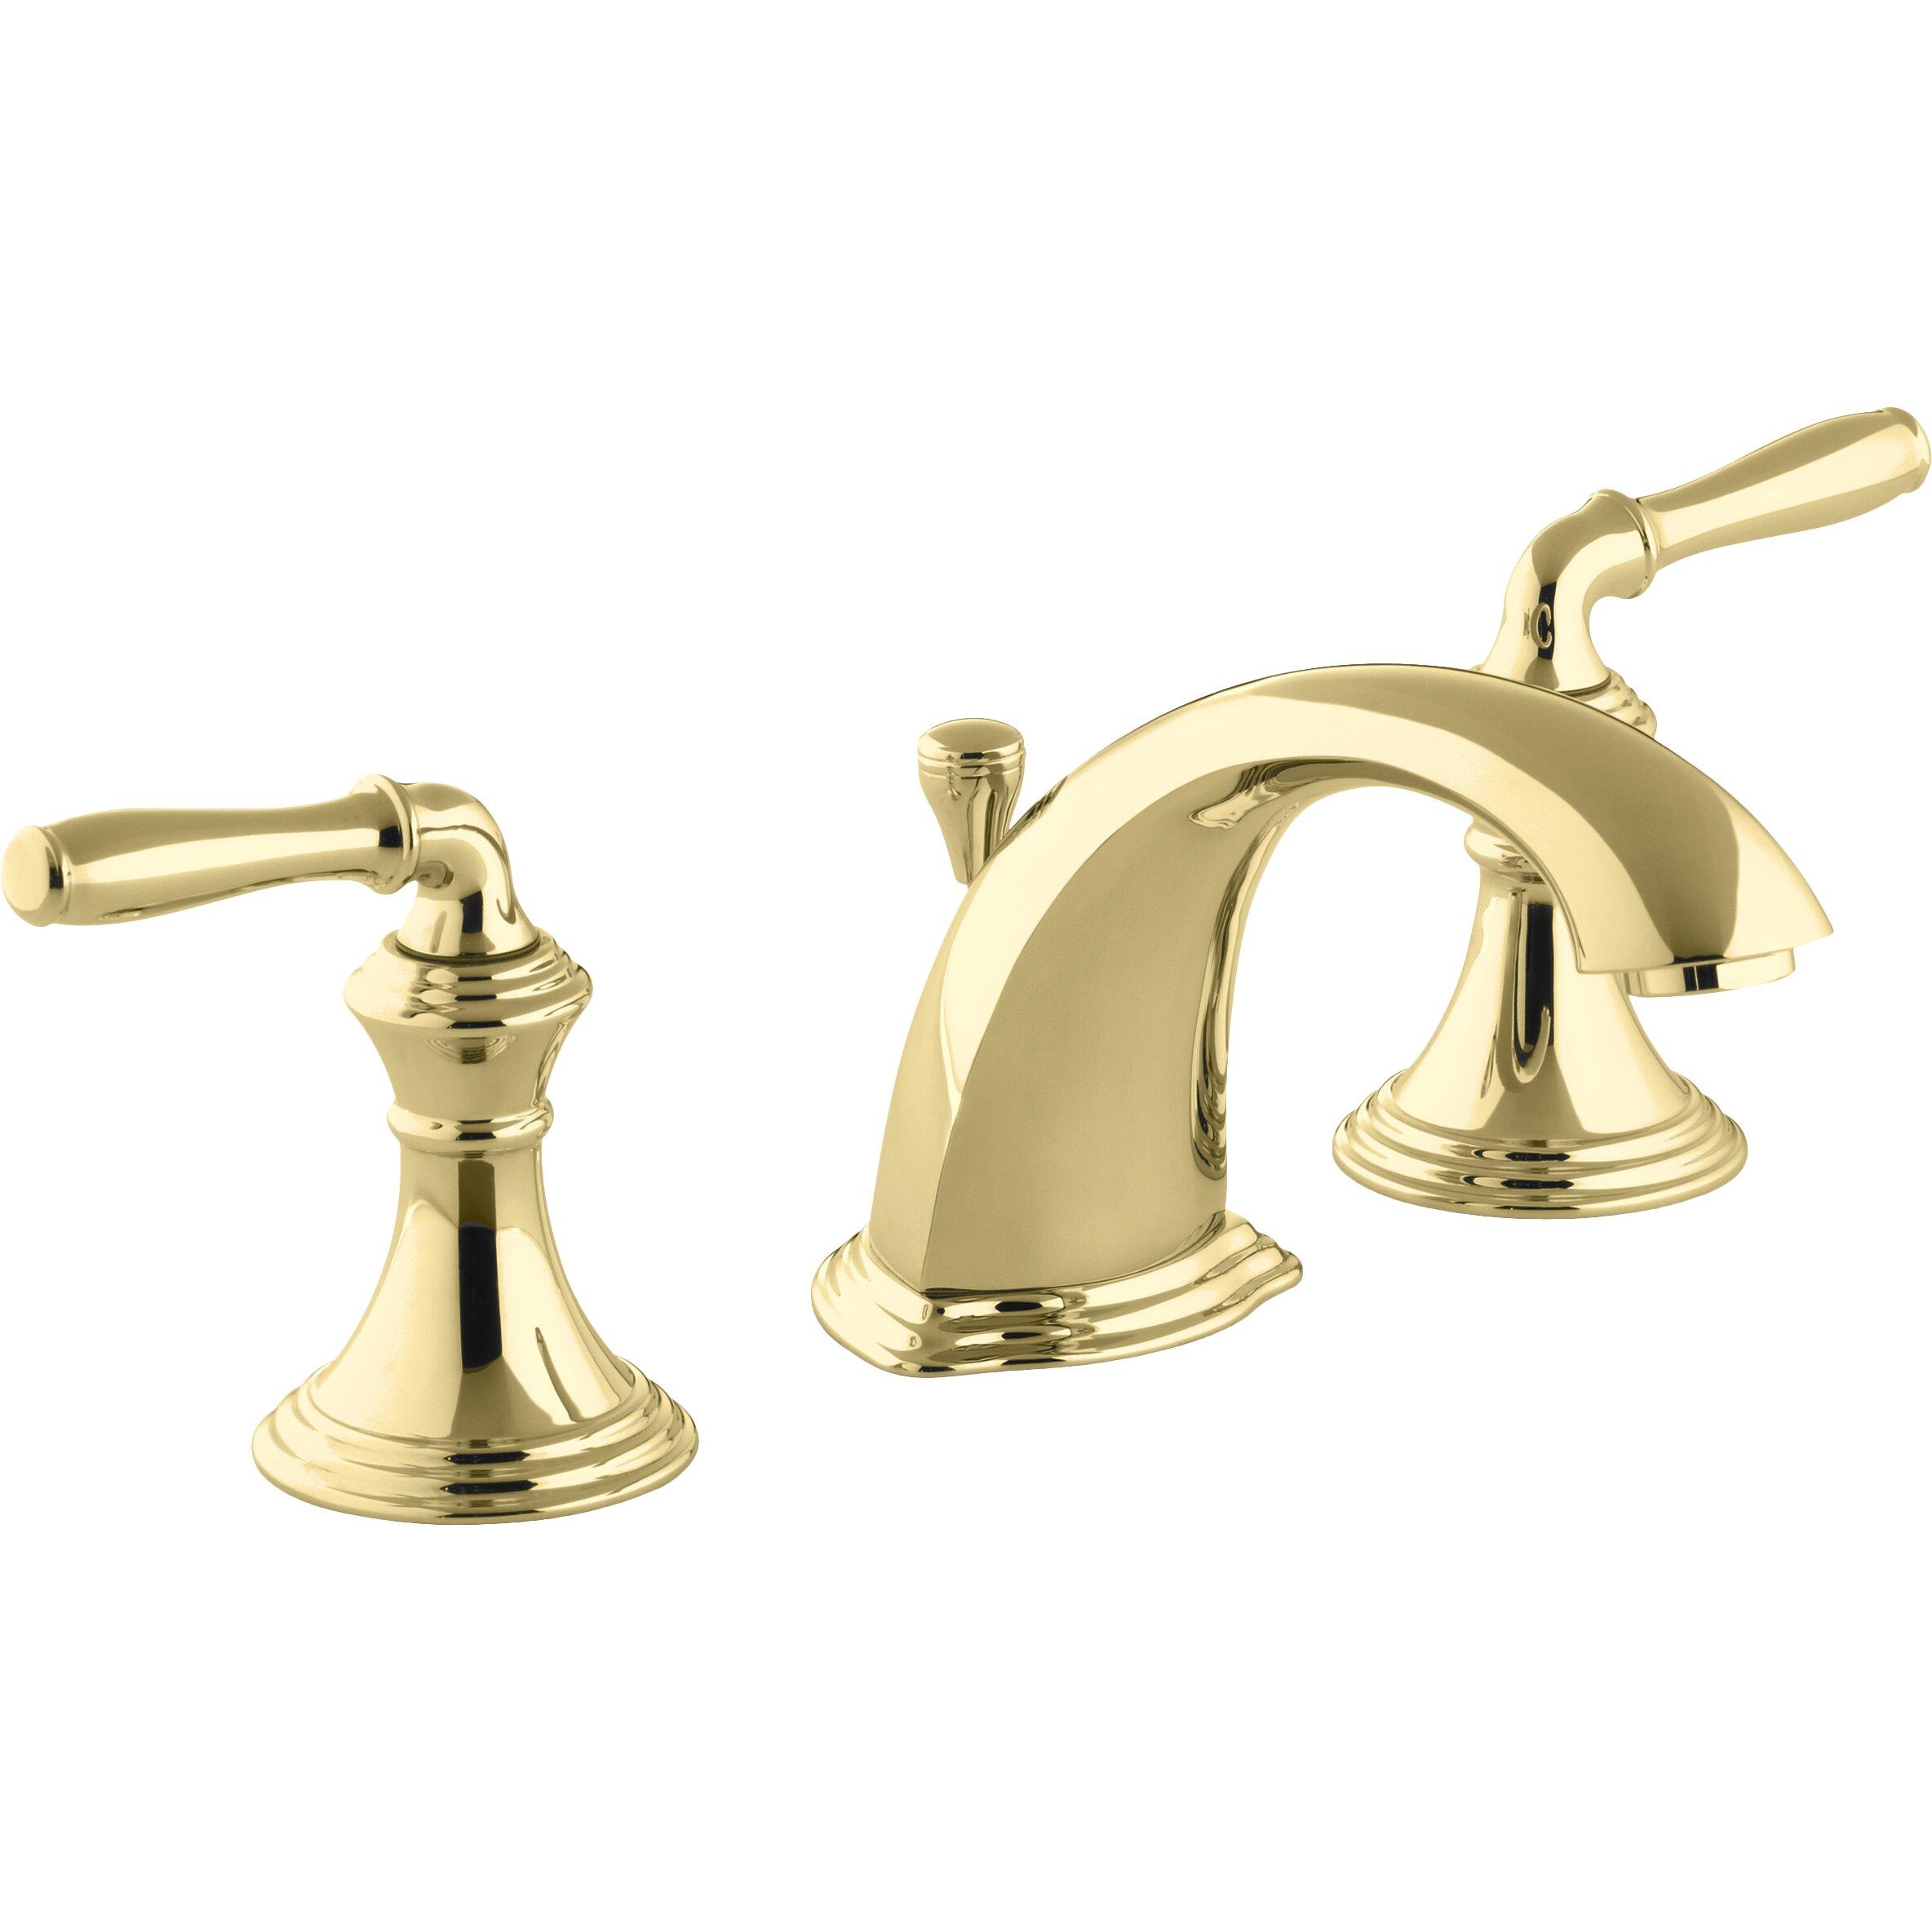 Kohler Devonshire Standard Bathroom Faucet Double Handle